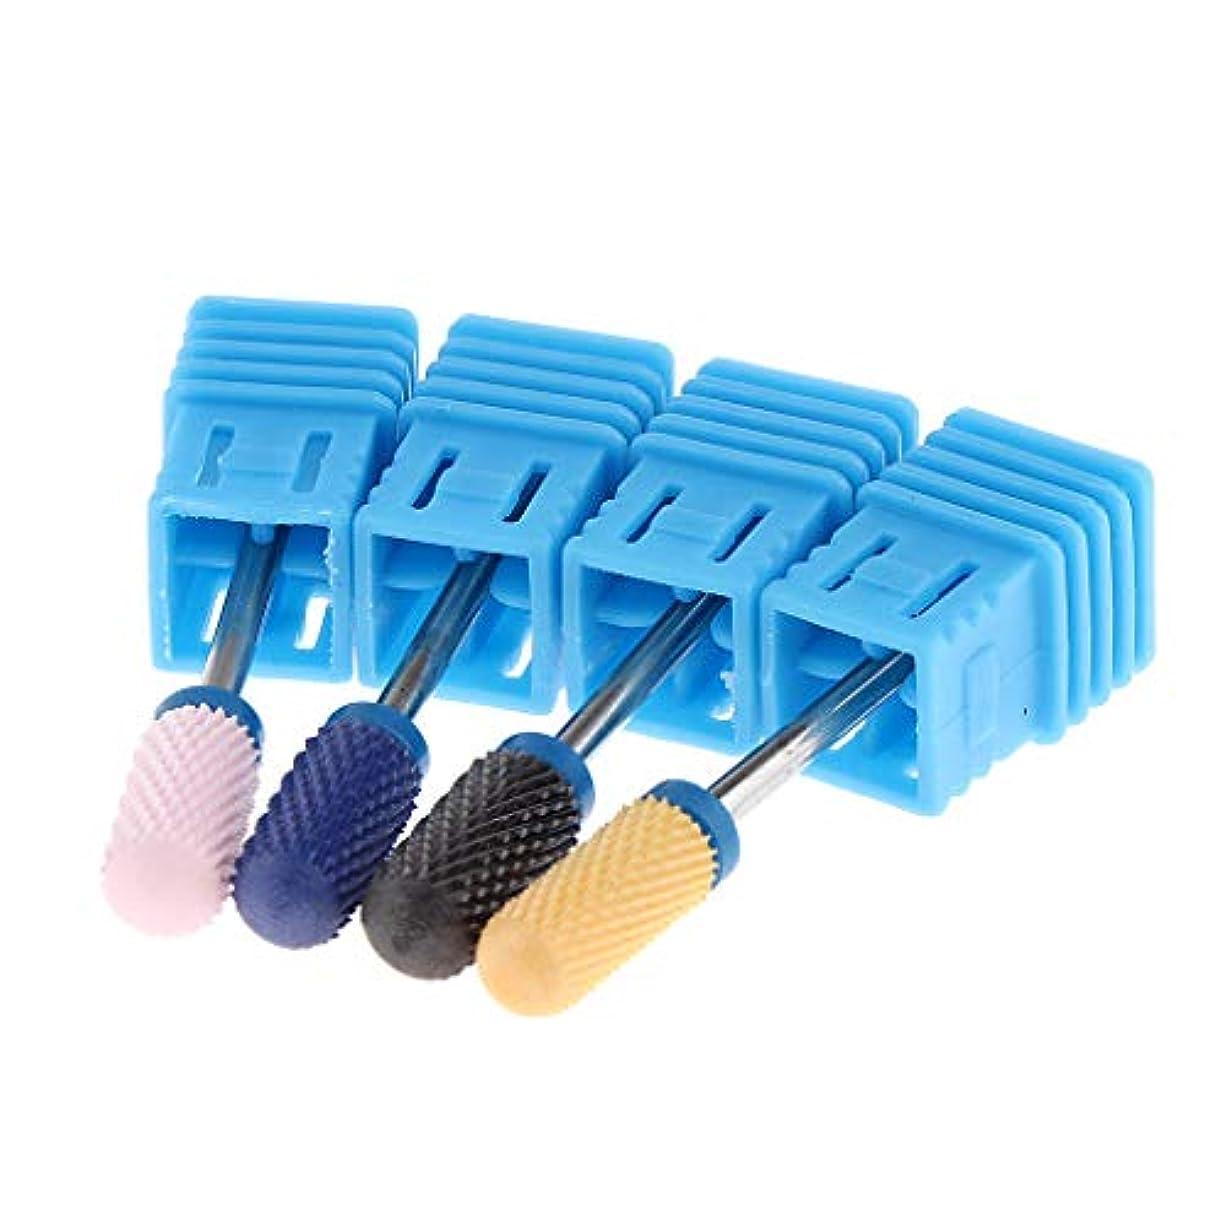 Toygogo 電気炭化物の釘の芸術のドリルファイルビットセットの粗い中型の良い屑の専門のマニキュアのドリルビット4pcs